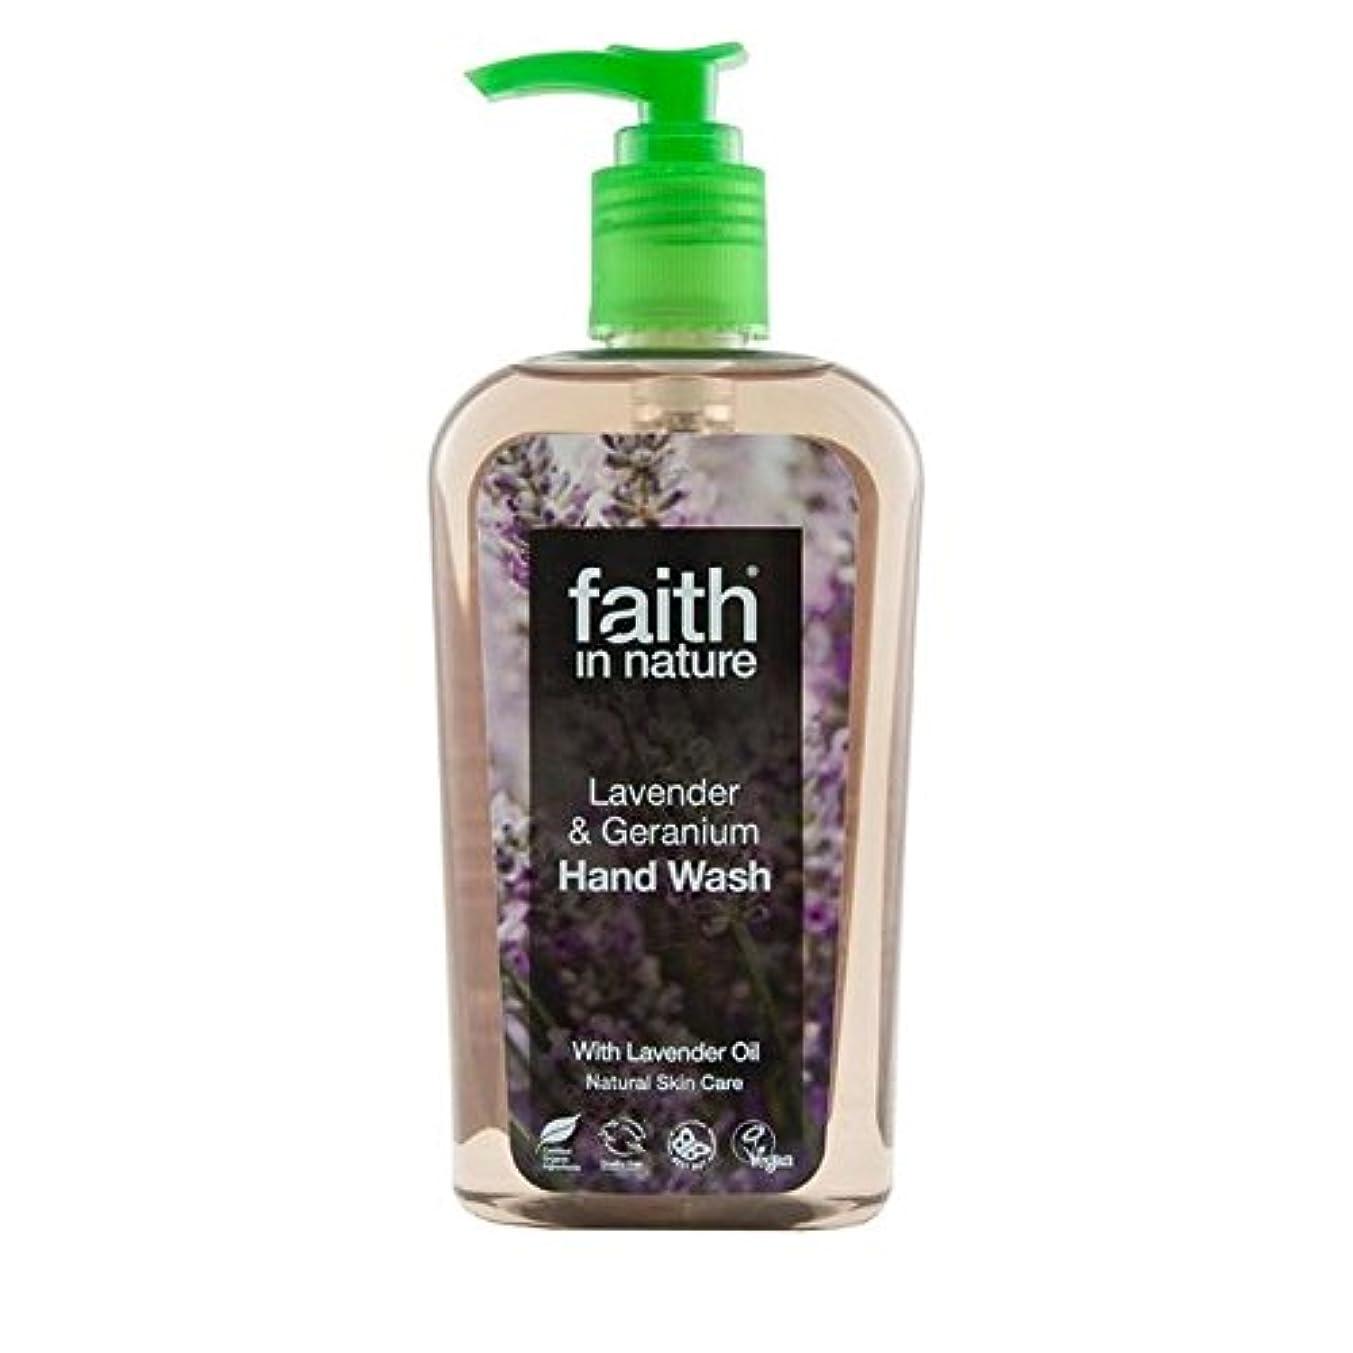 硬さ会員布Faith in Nature Lavender & Geranium Handwash 300ml (Pack of 2) - (Faith In Nature) 自然ラベンダー&ゼラニウム手洗いの300ミリリットルの...